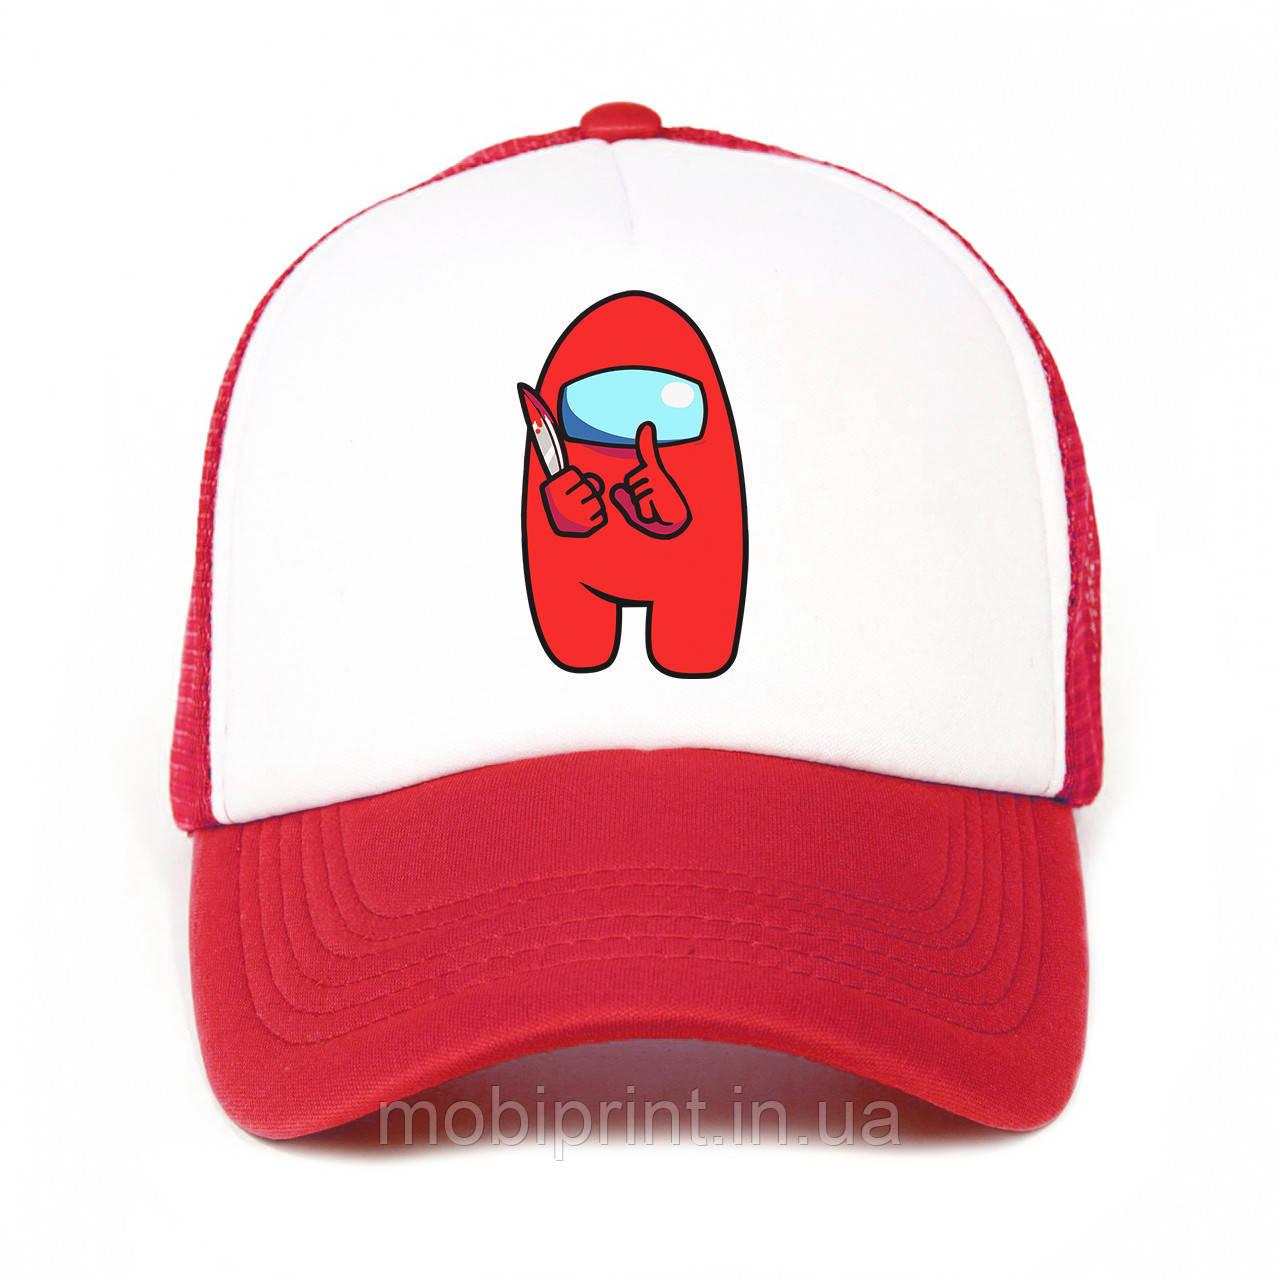 Дитяча кепка з сіткою і принтом Among Us Red